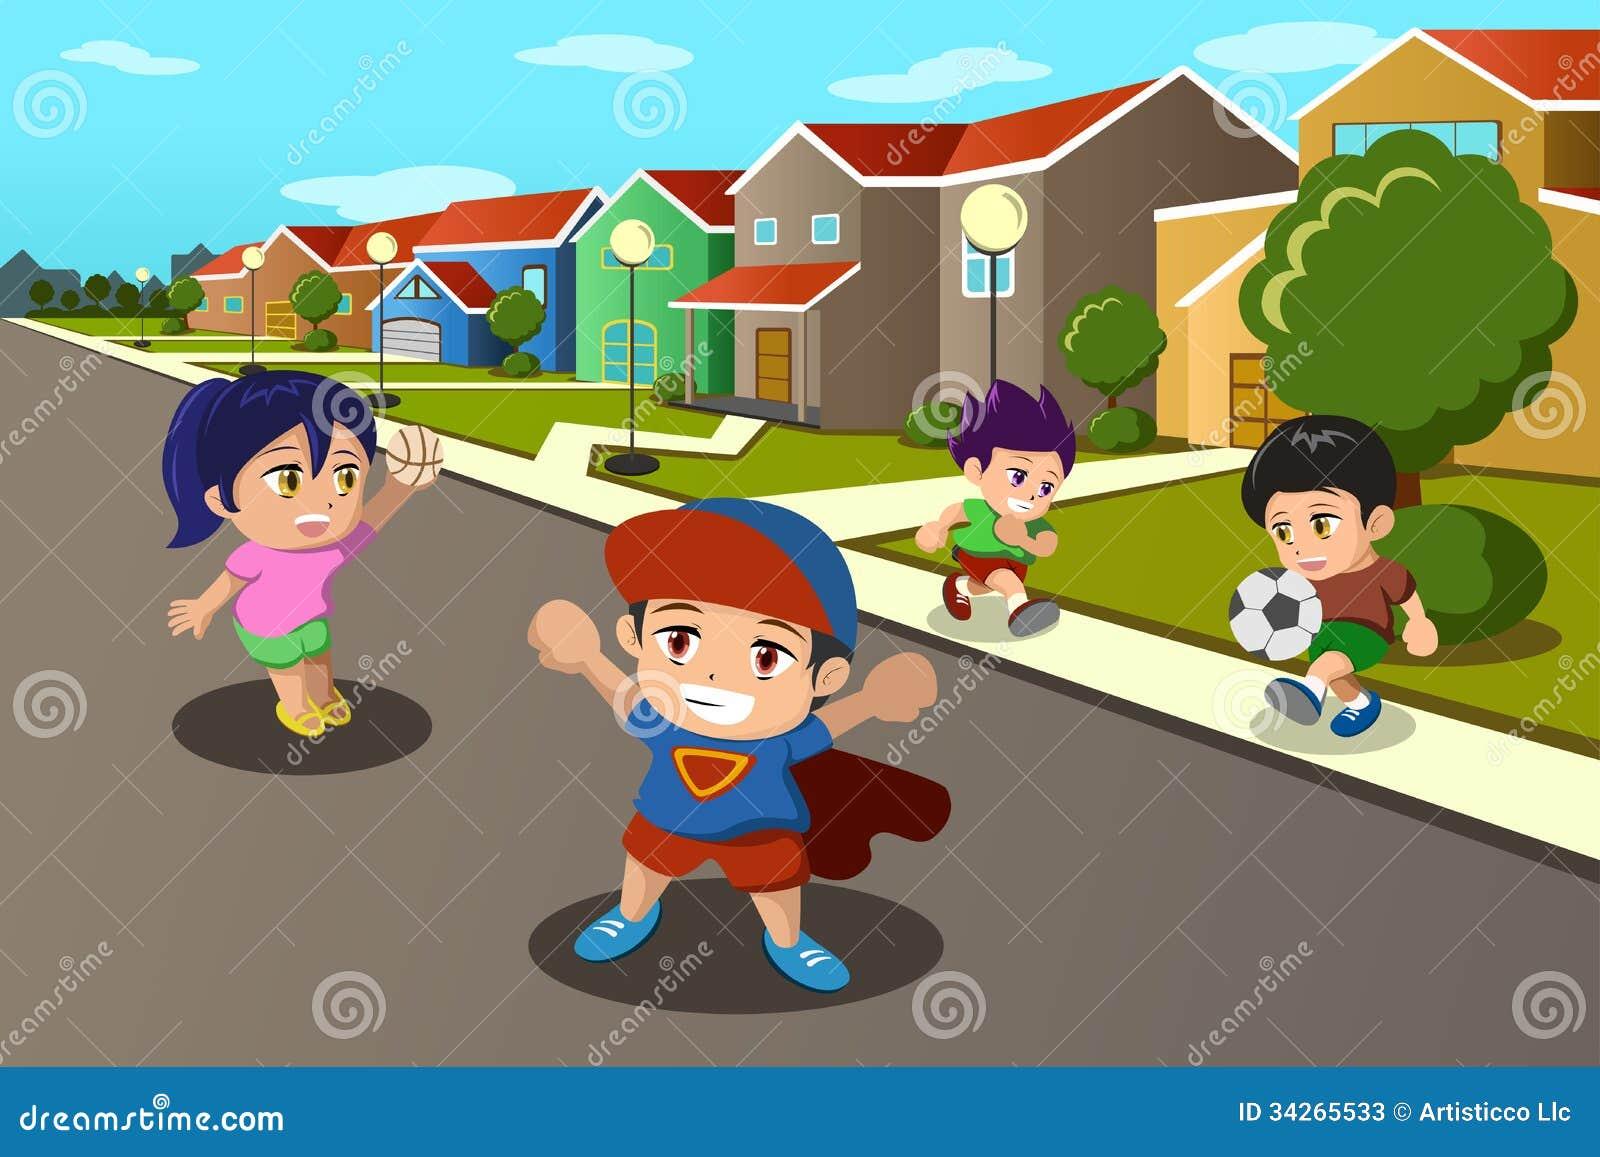 Crianças Que Jogam O Futebol Nos Desenhos Animados Do: Crianças Que Jogam Na Rua De Uma Vizinhança Suburbana